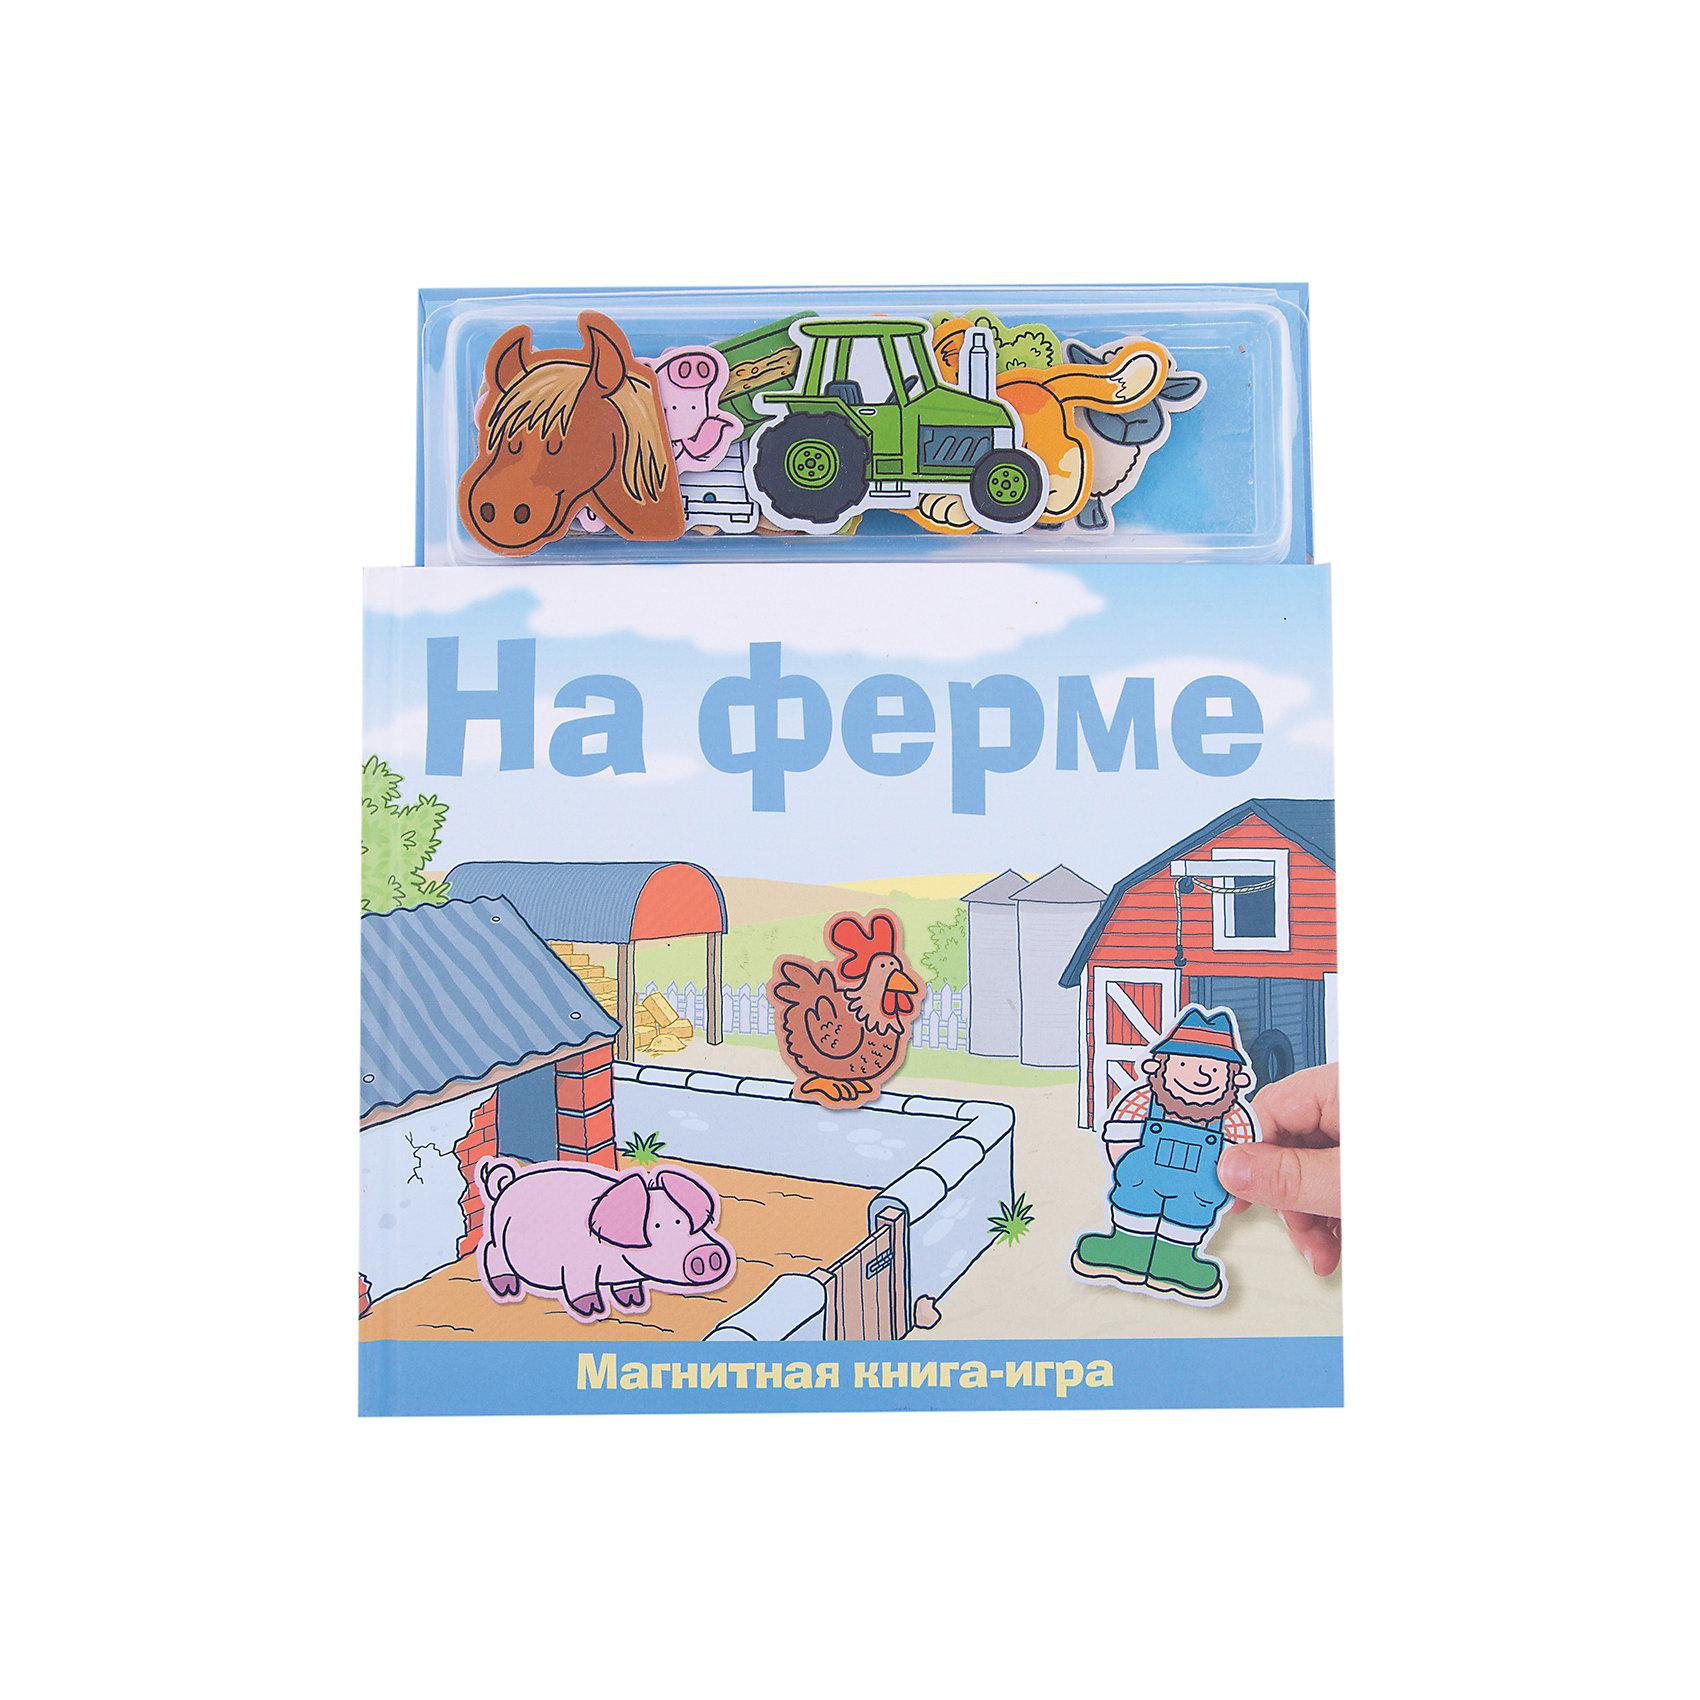 Магнитные книжки На фермеКниги для девочек<br>Магнитные книжки «На ферме»<br>С этим набором малышу предстоит выучить домашних животных и разобраться в тонкостях ведения фермерского хозяйства. Без его помощи фермеру Василию и его собаке Алисе точно не справиться. В набор входят магнитные картинки с изображением предметов и домашних животных, которые необходимо правильно расположить на магнитных страницах книги.<br>Дополнительная информация:<br>В набор входит:<br>- Книга с магнитными страницами,<br>- магнитные картинки (21 шт.) с изображением предметов и домашних животных.<br>Размер упаковки (д/ш/в): 210 х 10 х 240 мм<br><br>Ширина мм: 210<br>Глубина мм: 10<br>Высота мм: 240<br>Вес г: 500<br>Возраст от месяцев: 36<br>Возраст до месяцев: 72<br>Пол: Унисекс<br>Возраст: Детский<br>SKU: 2358183